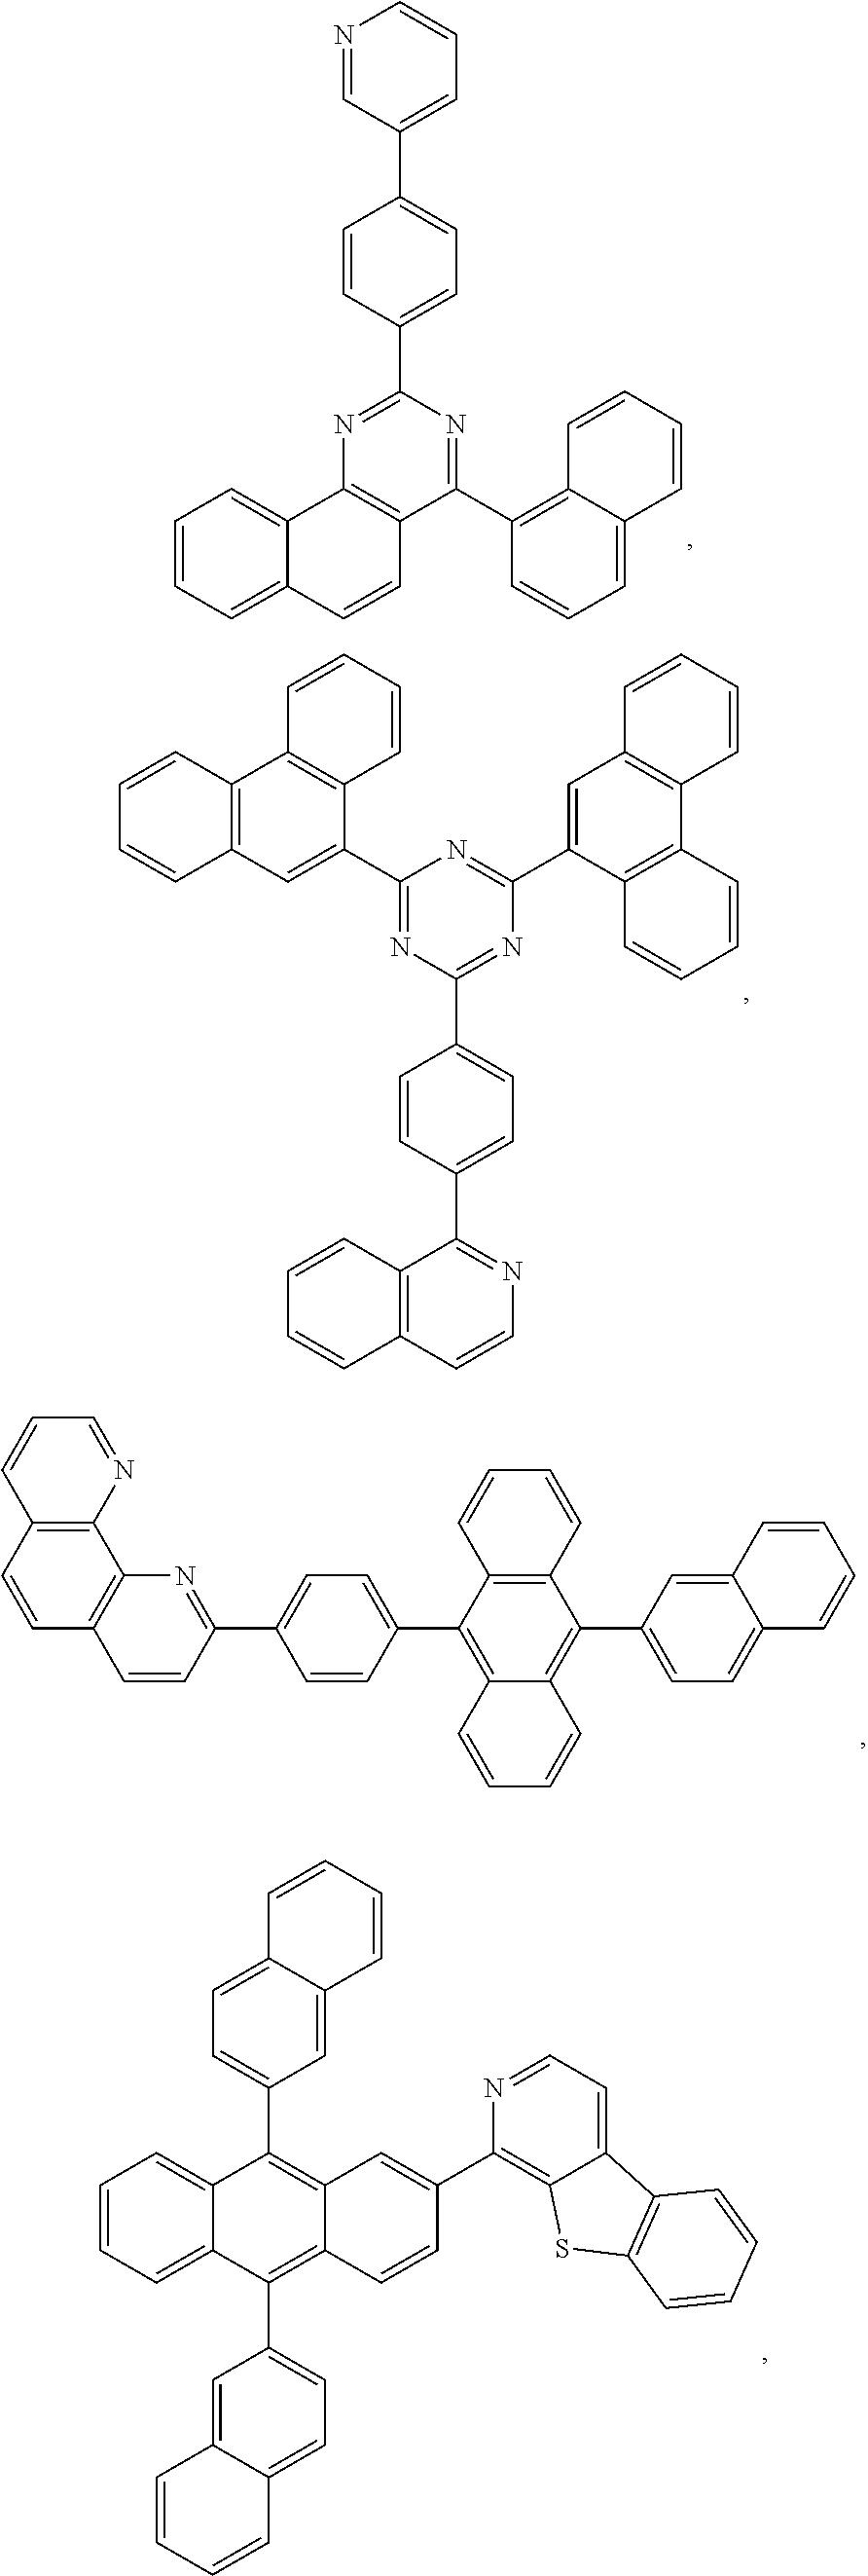 Figure US20180130962A1-20180510-C00201